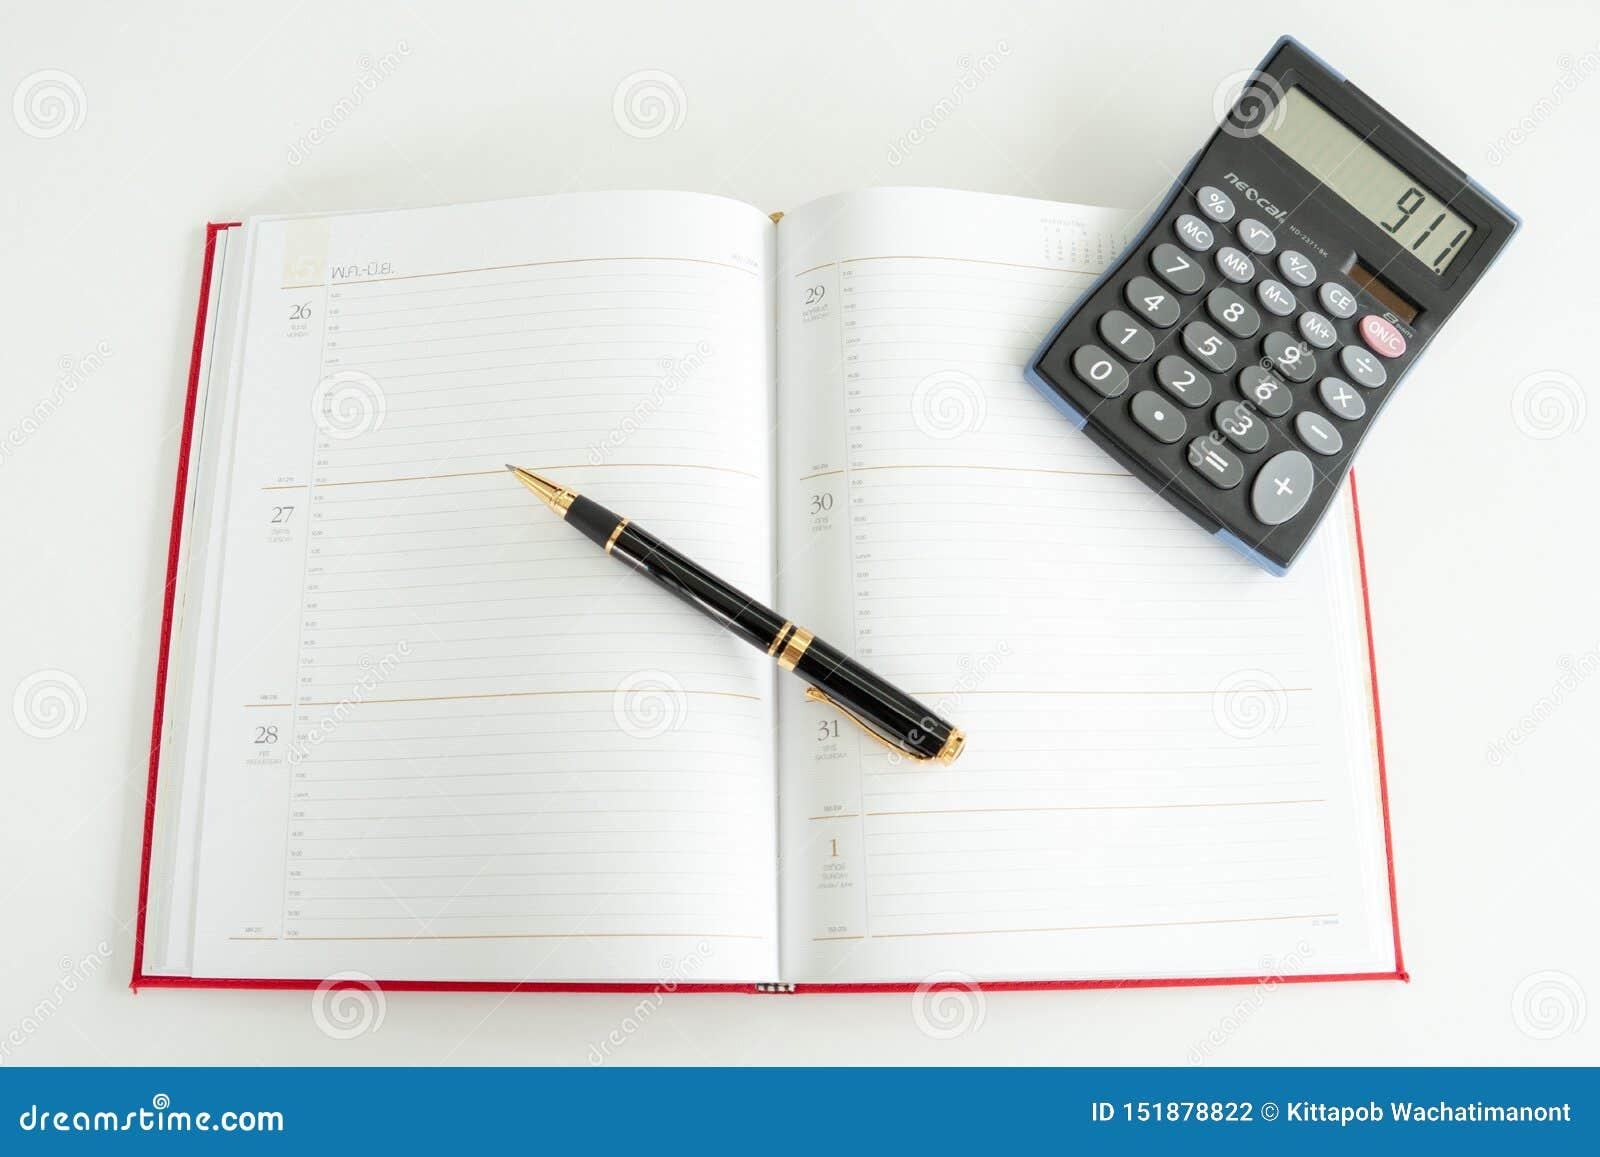 Καθημερινό βιβλίο σχεδίων που διαδίδεται έξω με μια μάνδρα πηγών και έναν υπολογιστή σε το